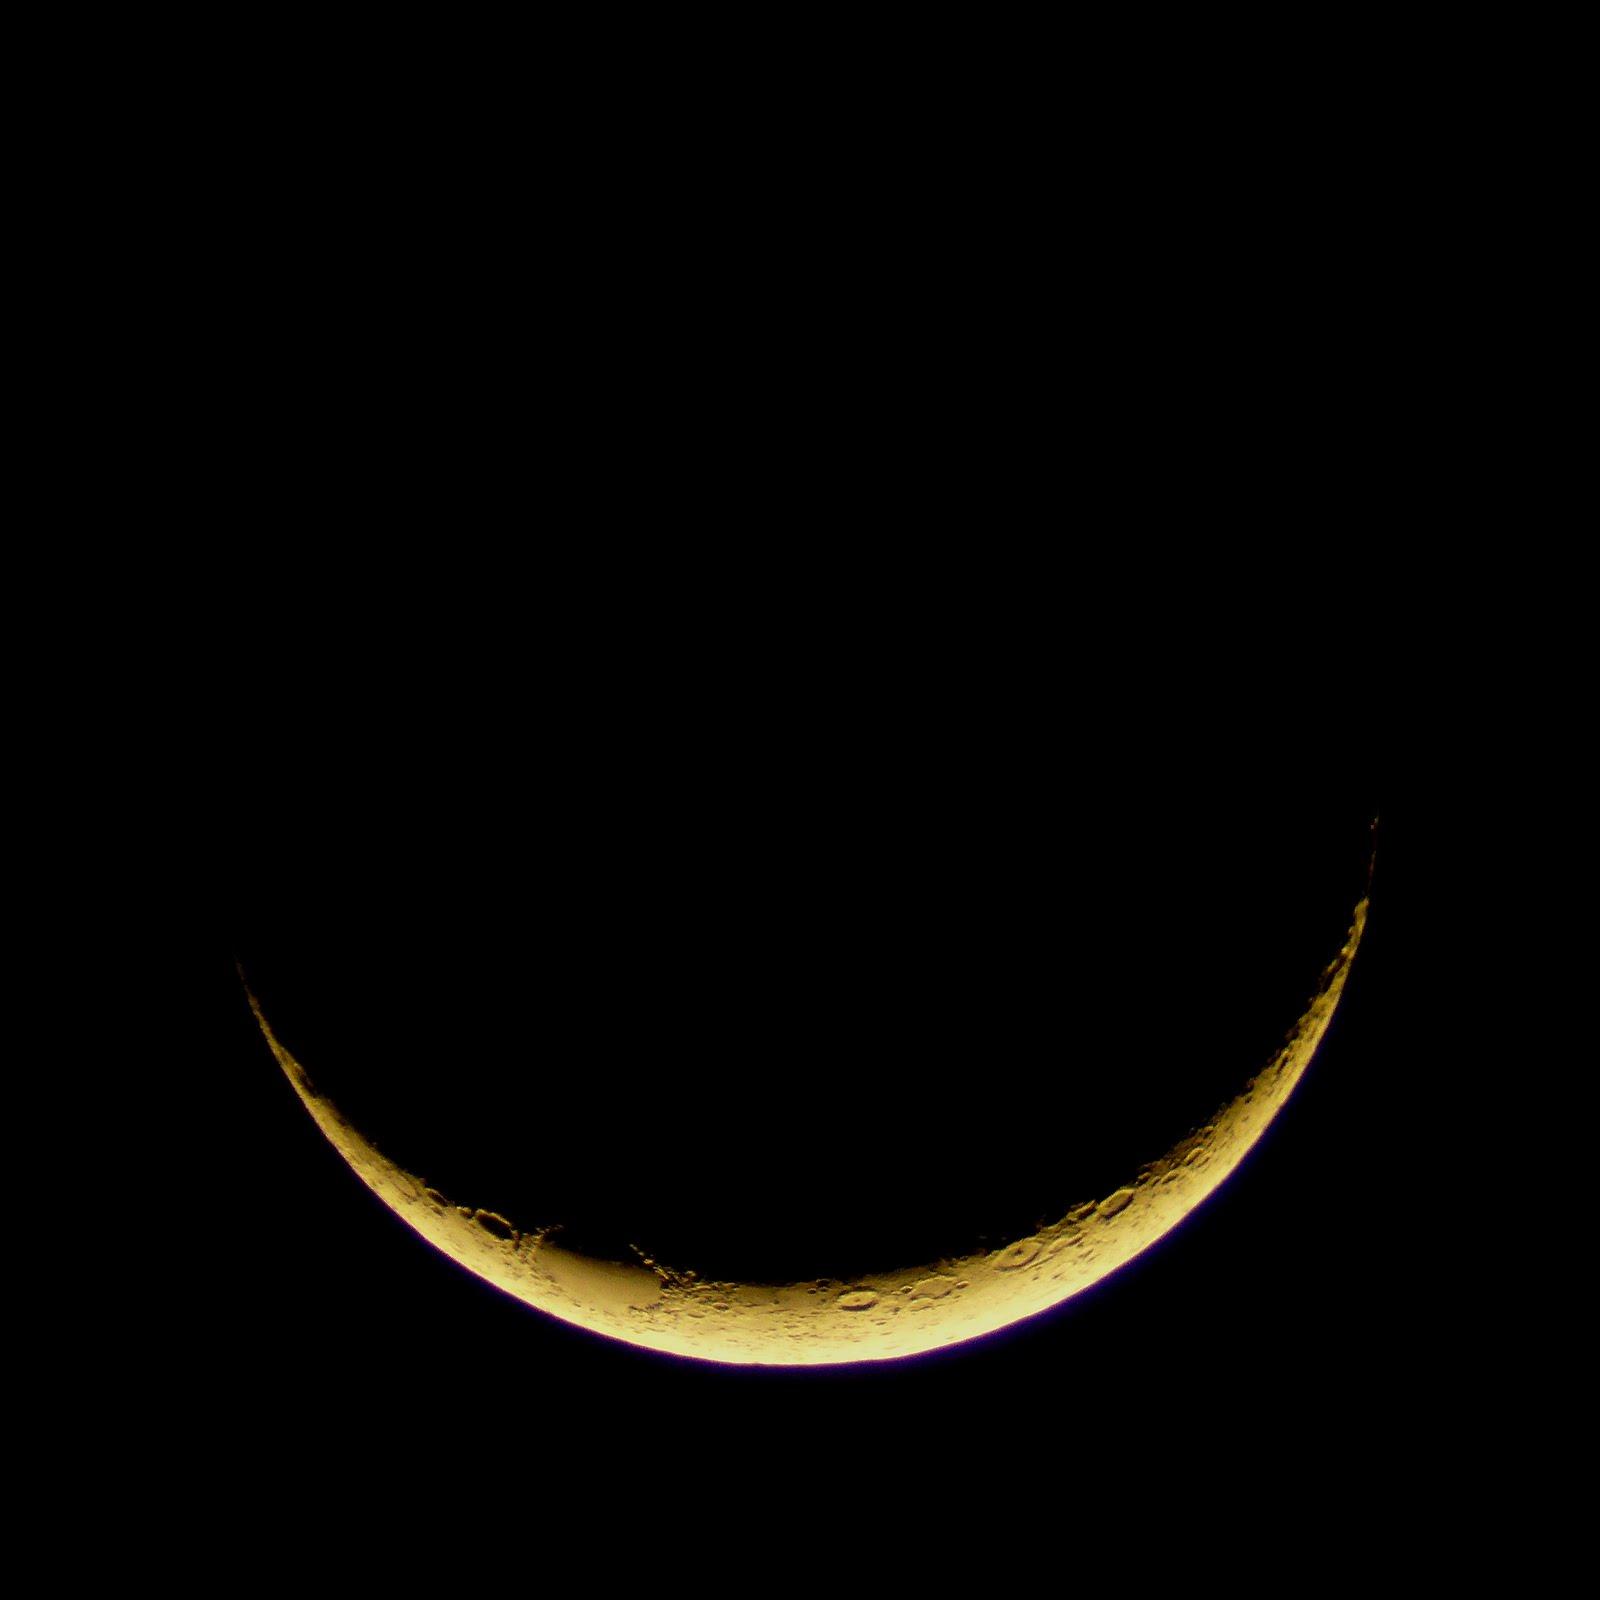 Moon%2B3%2Bday%2Bold%2B2%2Bcopy.jpg